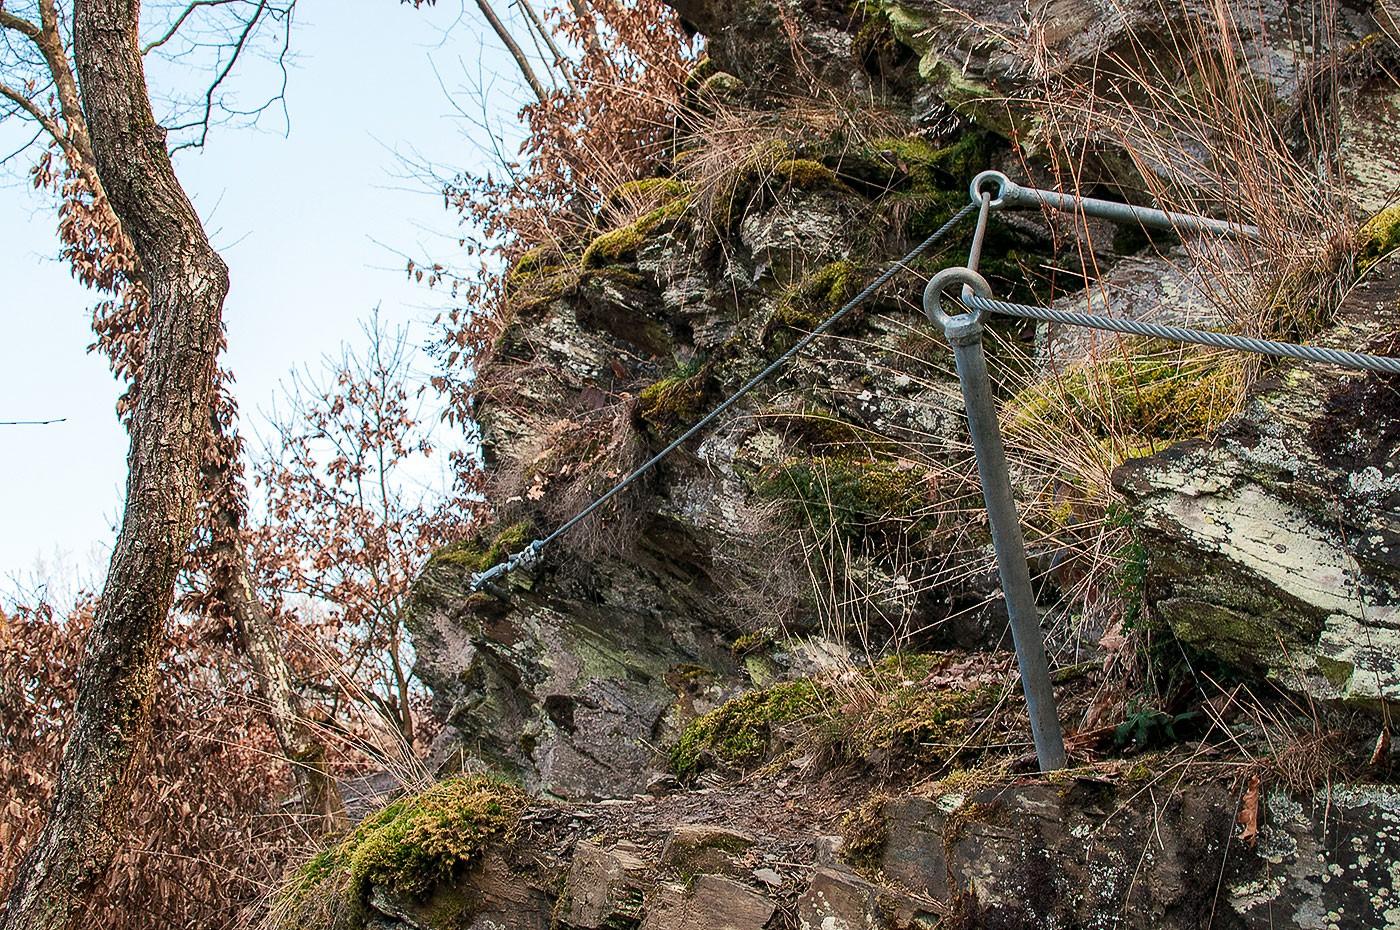 Klettersteig Ardennen : Newlife outdoor activity in stavelot abenteuersport ardennen